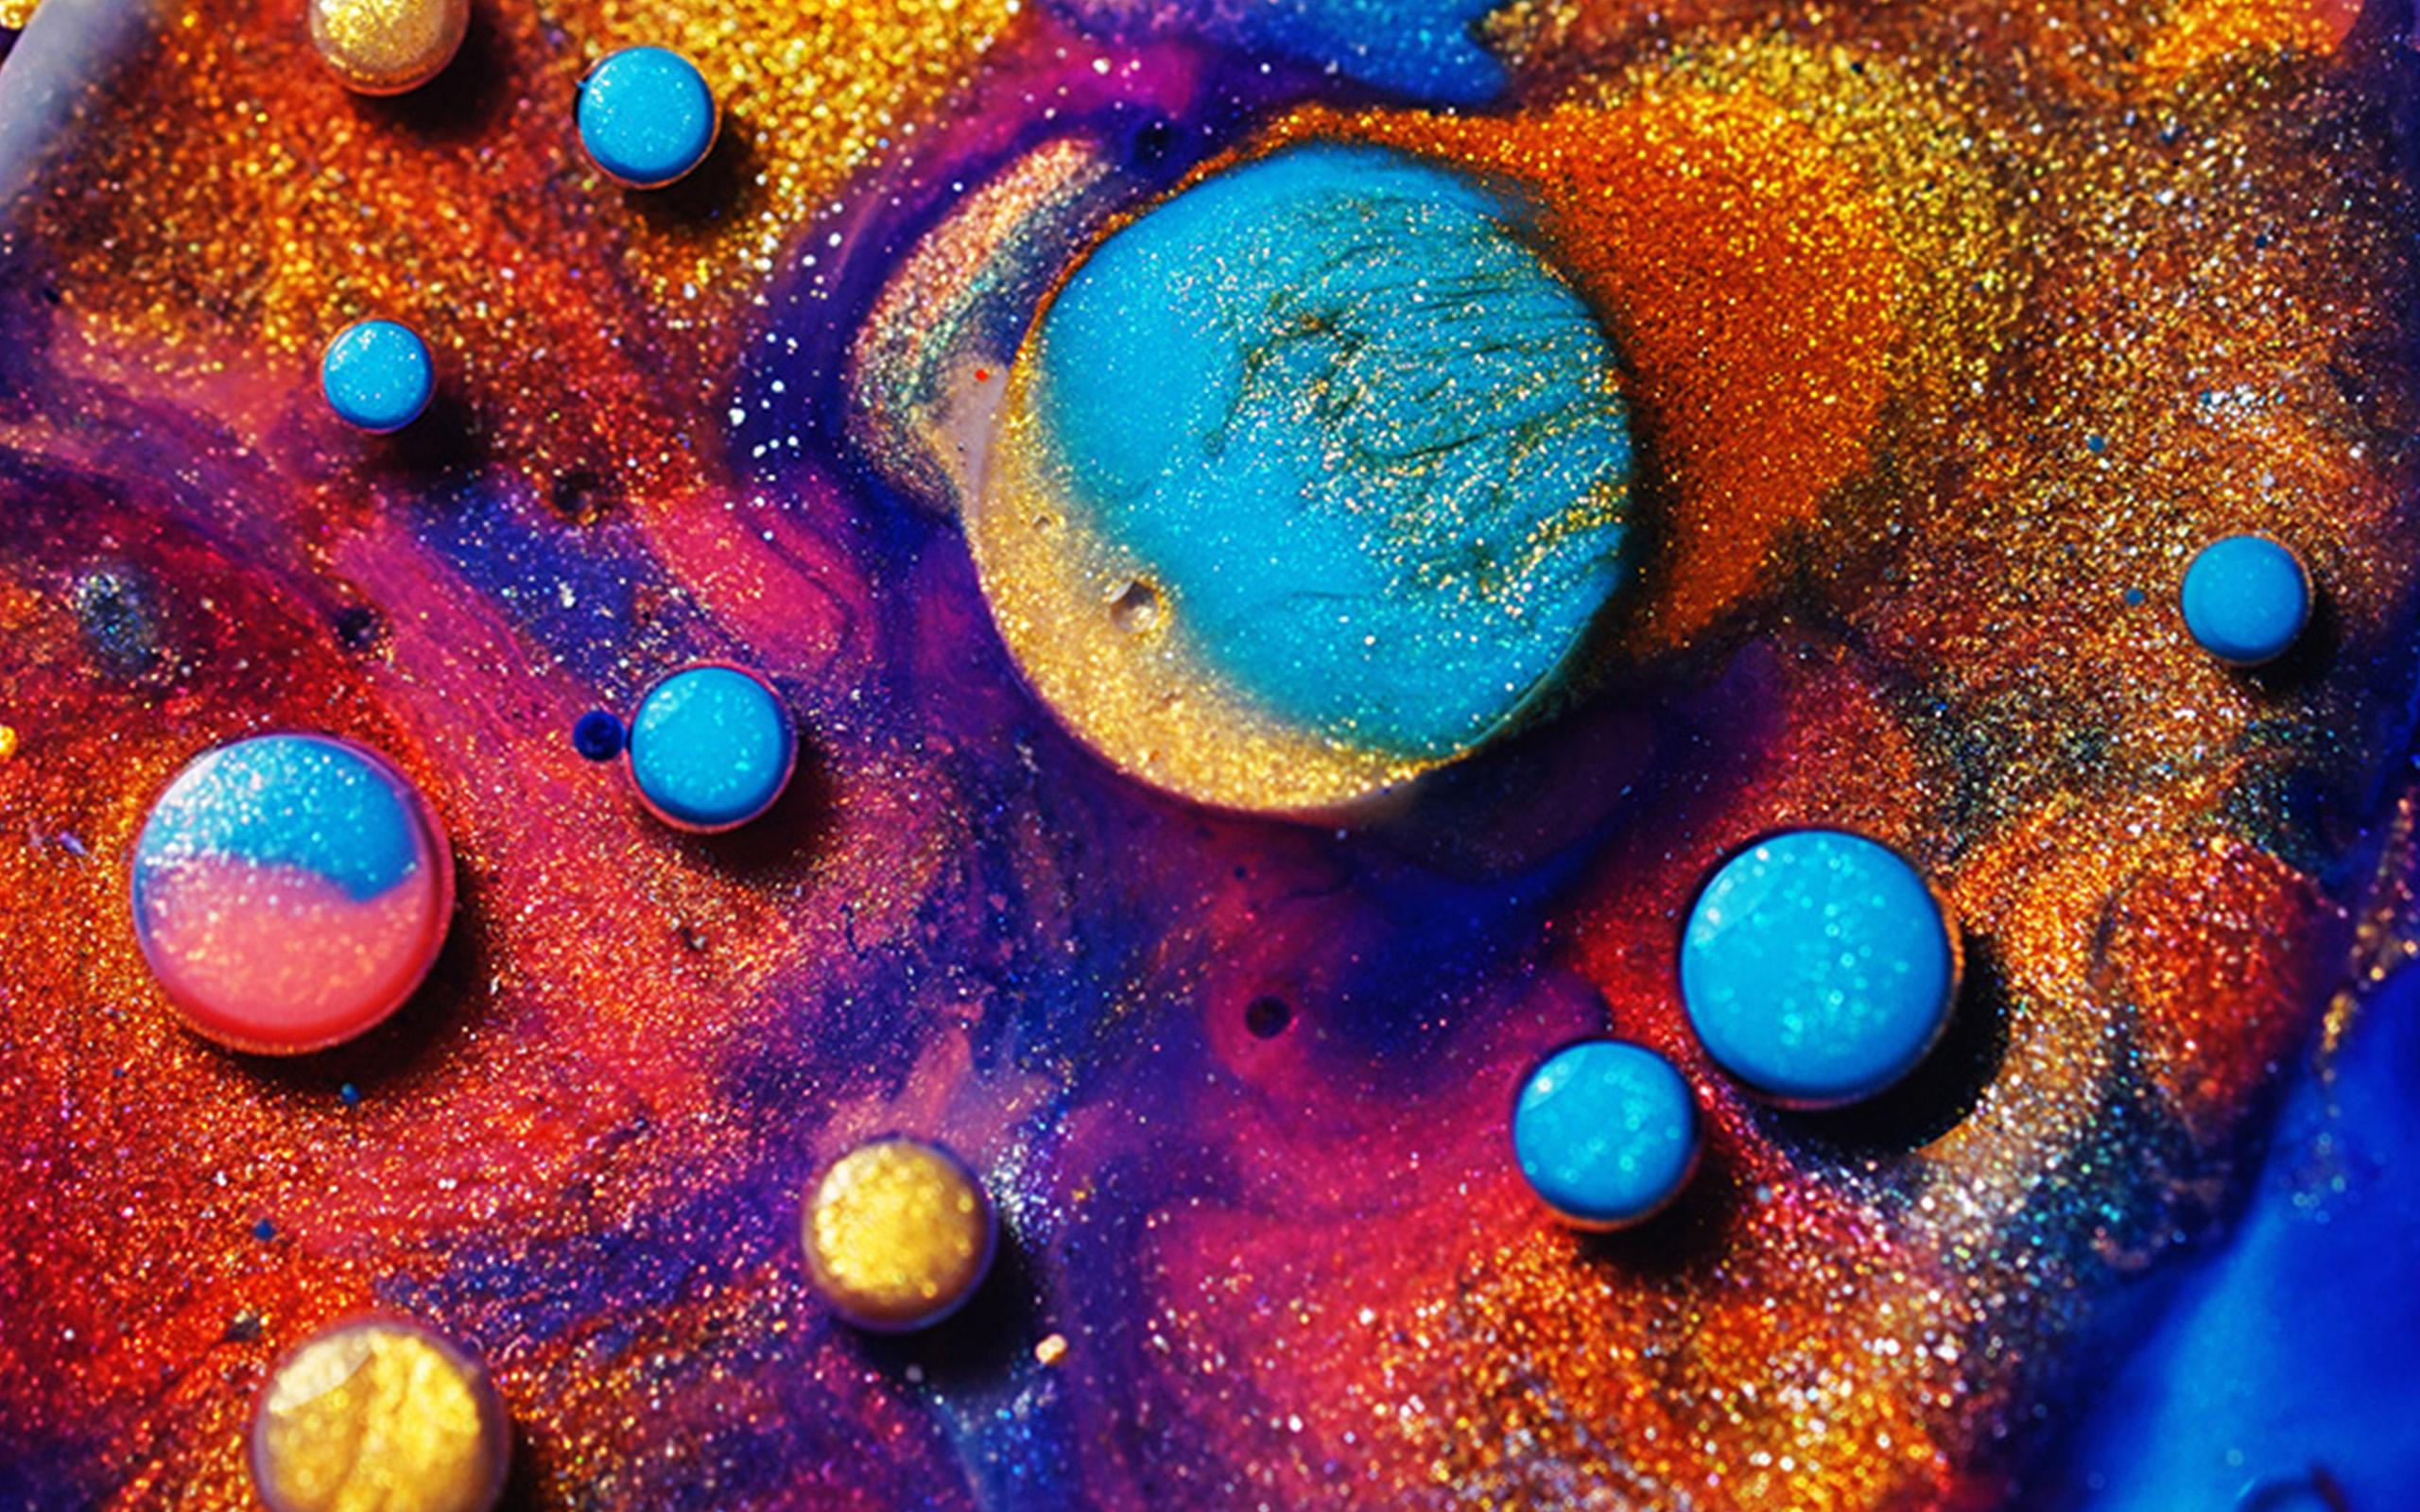 Cute Colour Wallpaper Vz15 Makeup Color Art Pattern Background Wallpaper